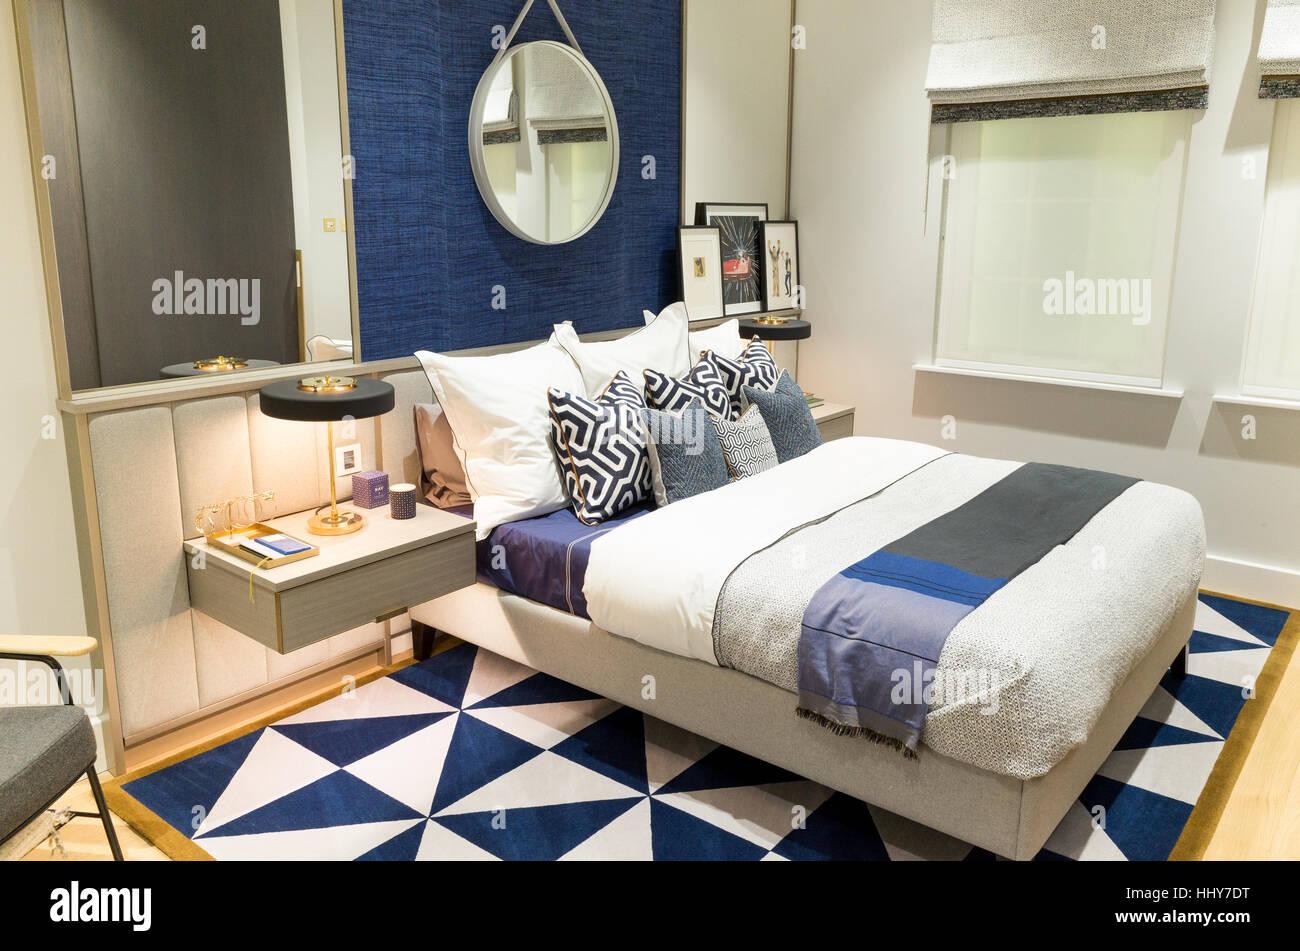 Dans la chambre à coucher appartement showroom marketing suite d'un nouveau développement immobilier, Photo Stock